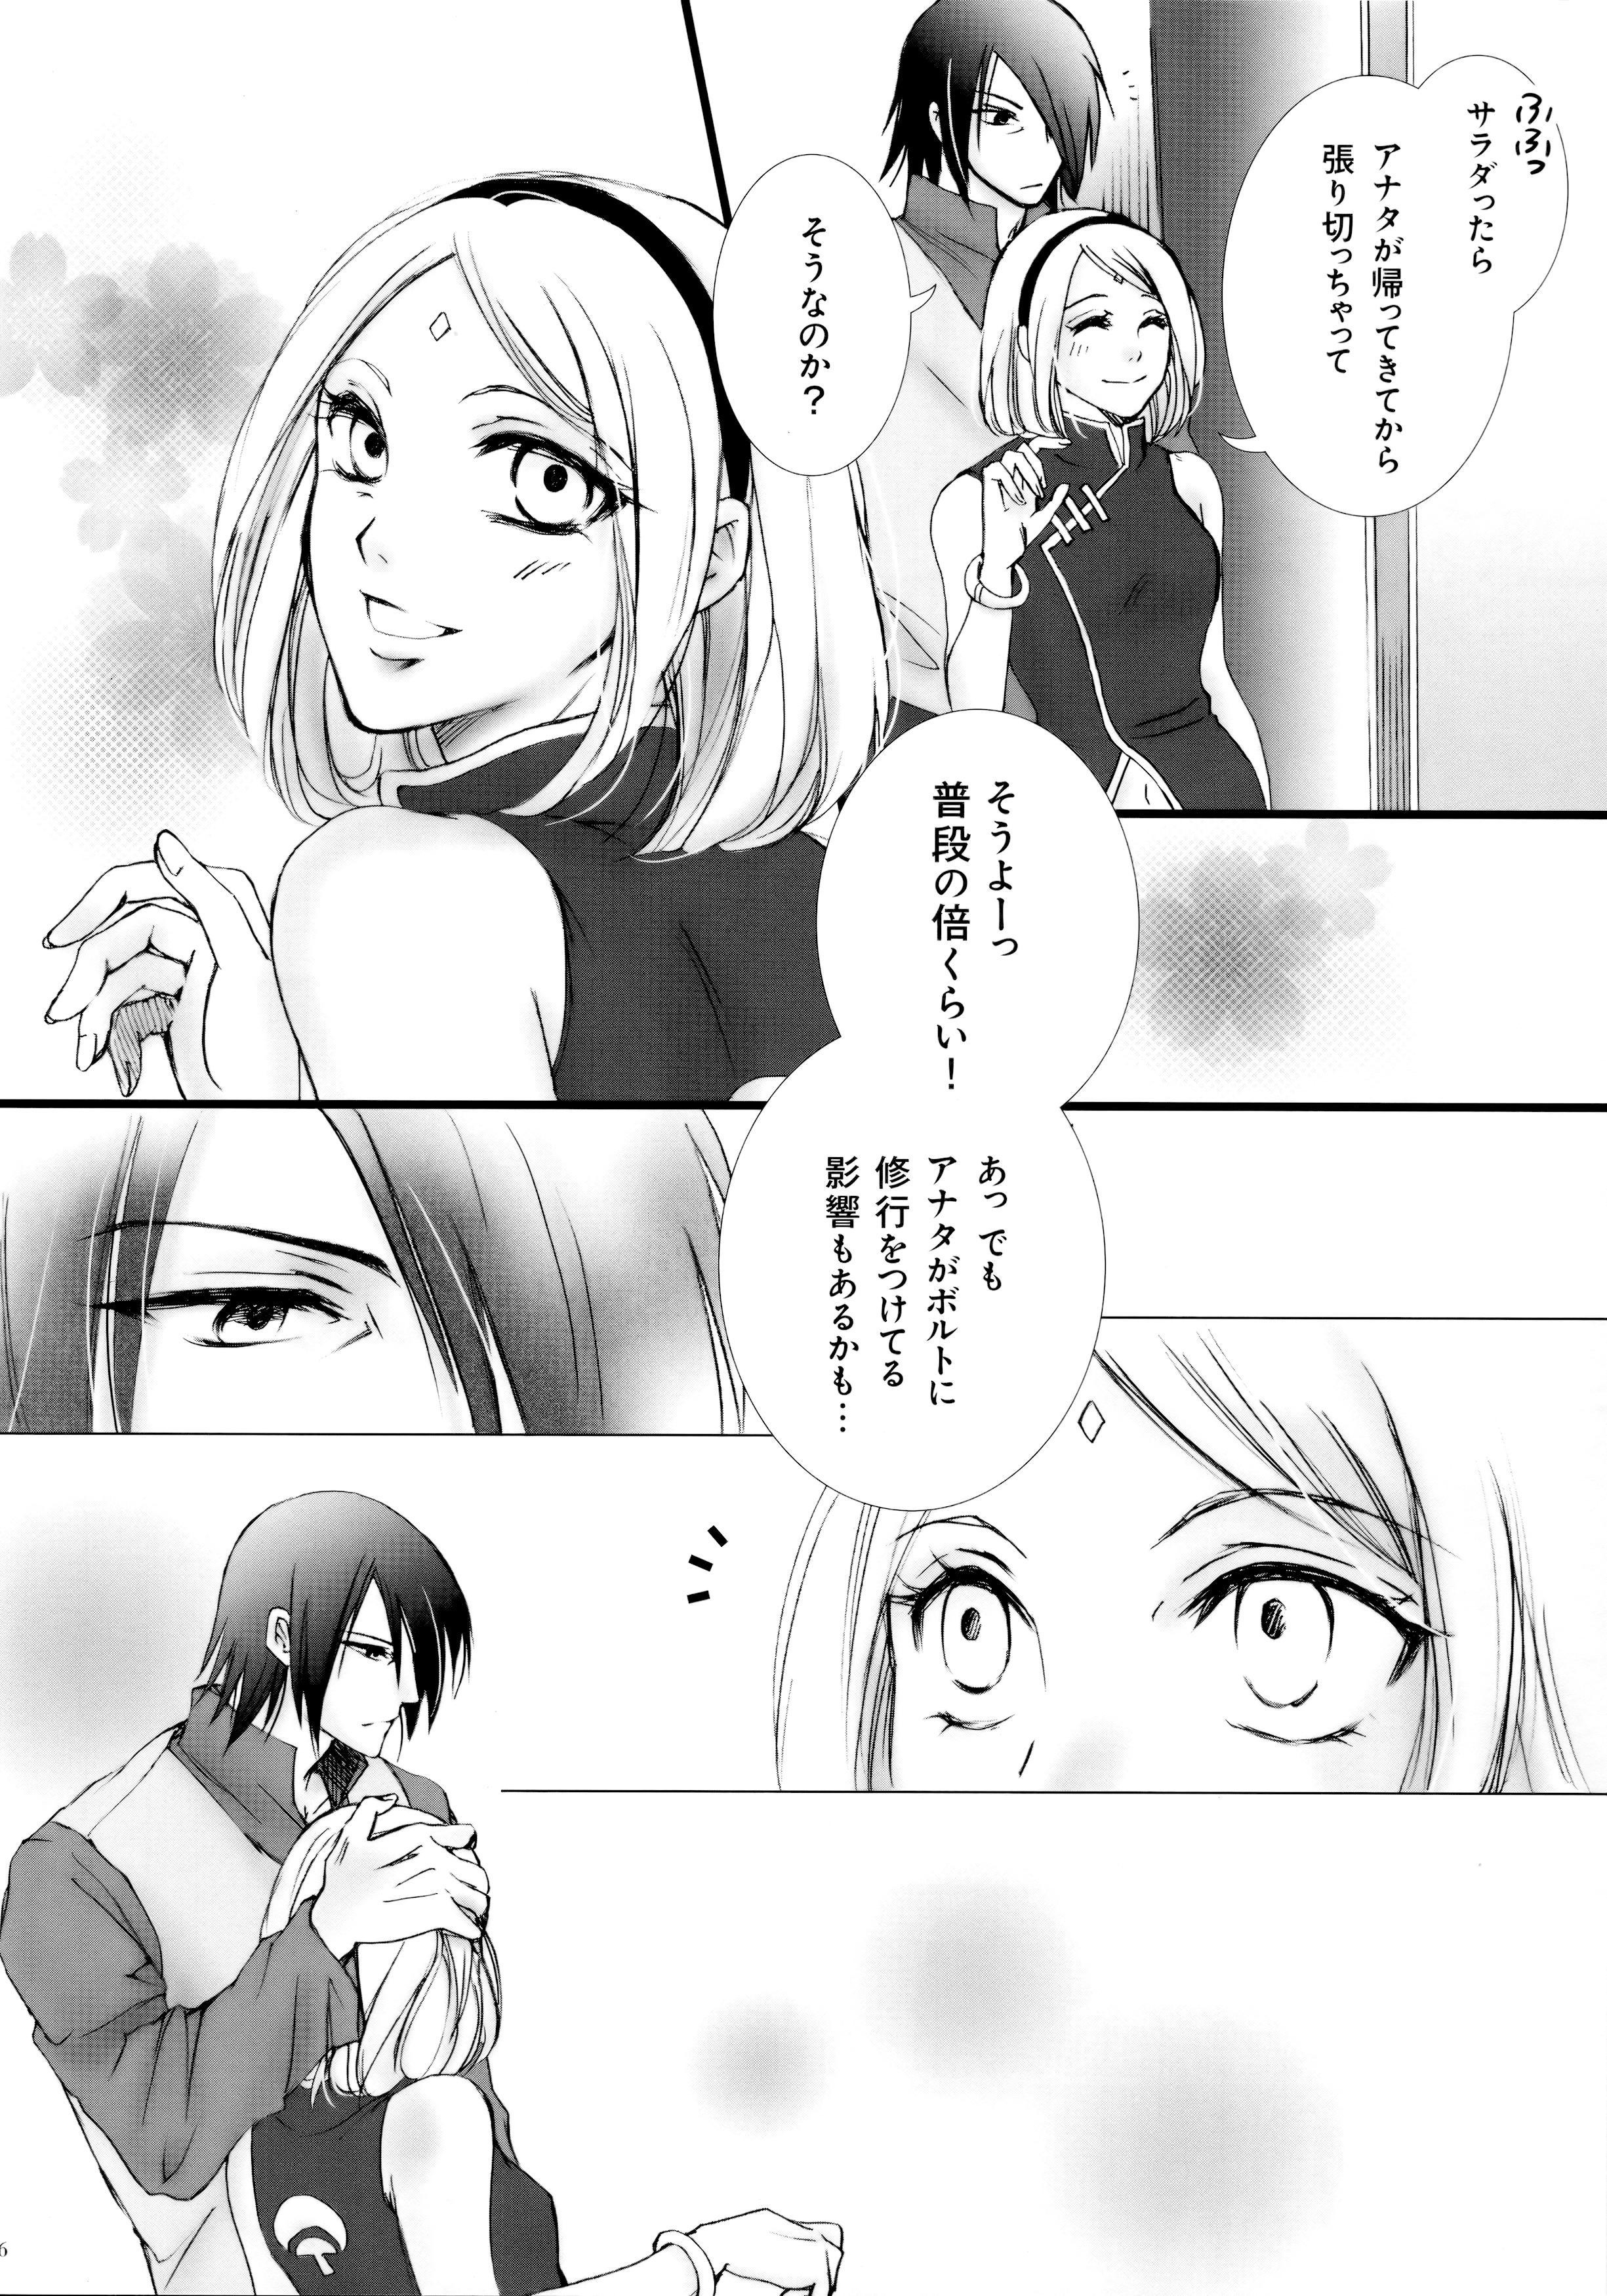 Himitsu no Jikan 4